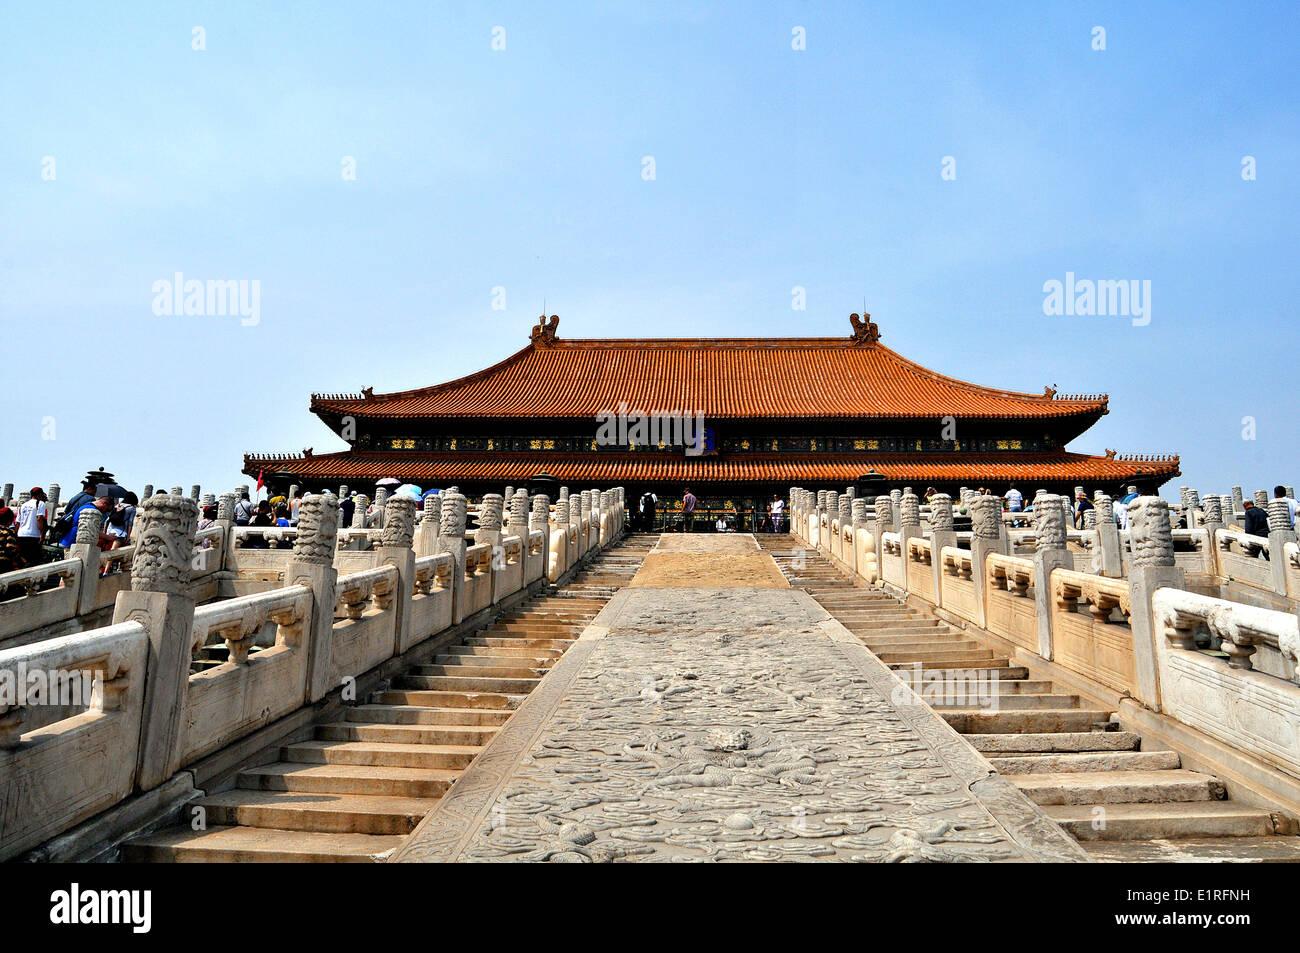 The Forbidden City Beijing - Stock Image